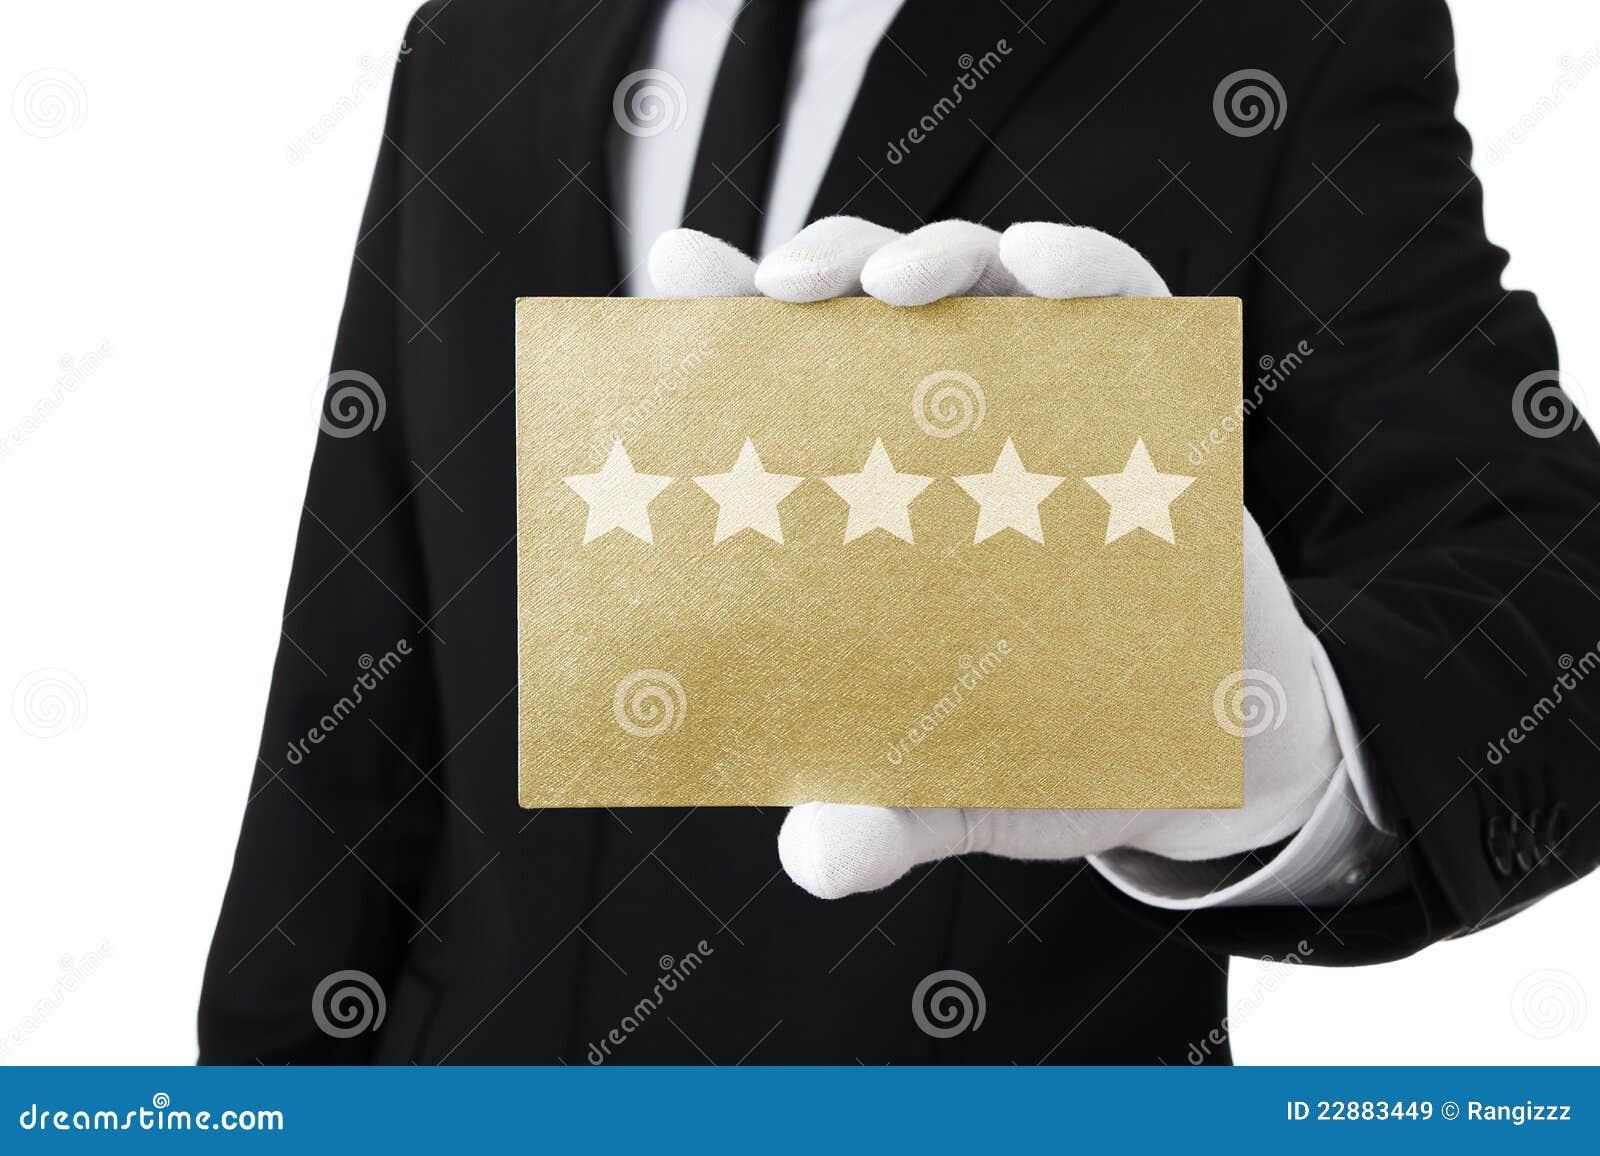 Service de cinq étoiles